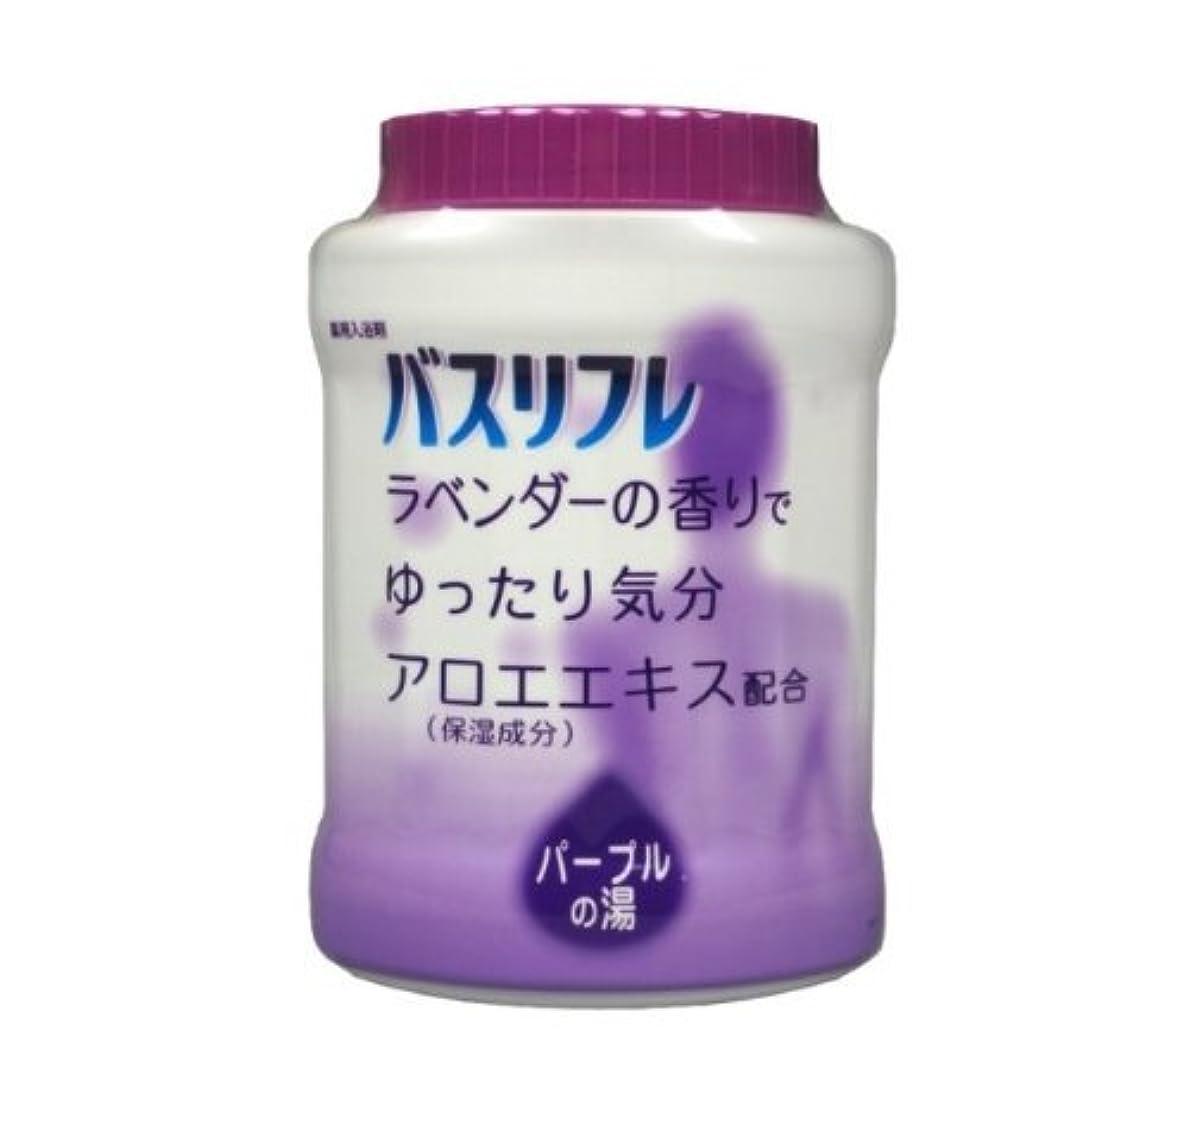 とげ技術禁輸バスリフレ 薬用入浴剤 ラベンダーの香り 680G Japan